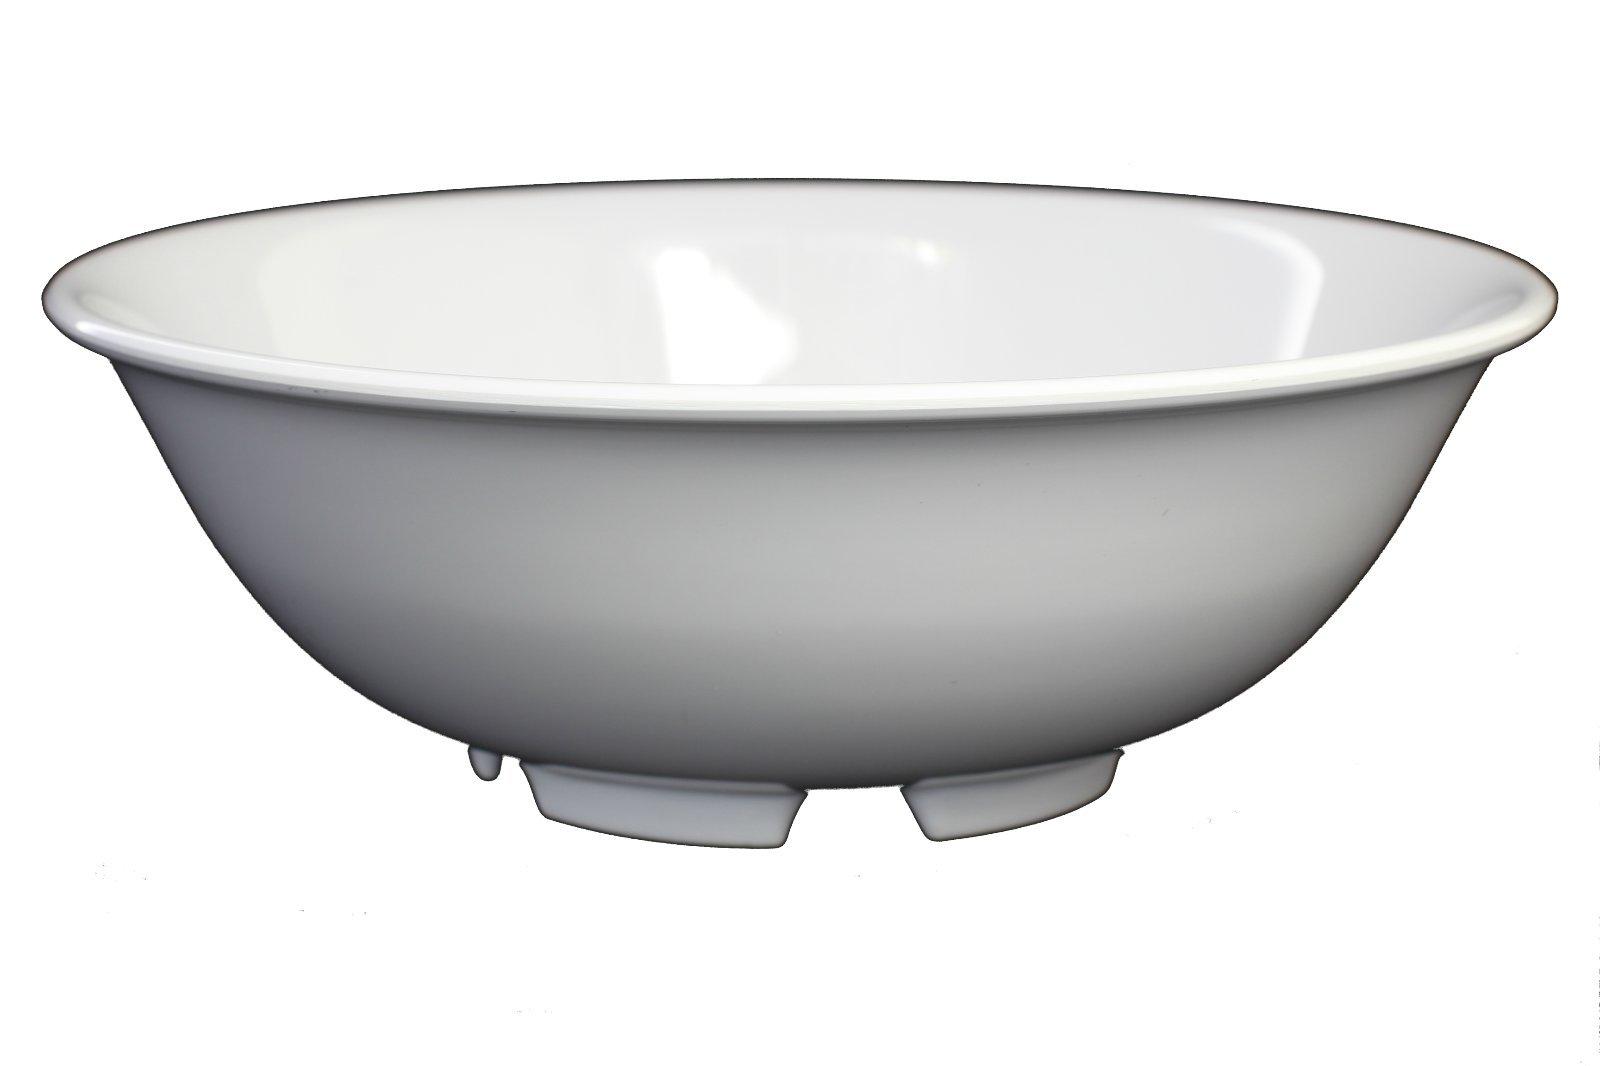 Z-Moments Western Melamine Rimless Bowl Menudo Bowl, 52-Ounce, 8-3/4'' dia., White or Tan NSF #5075 (48, White)